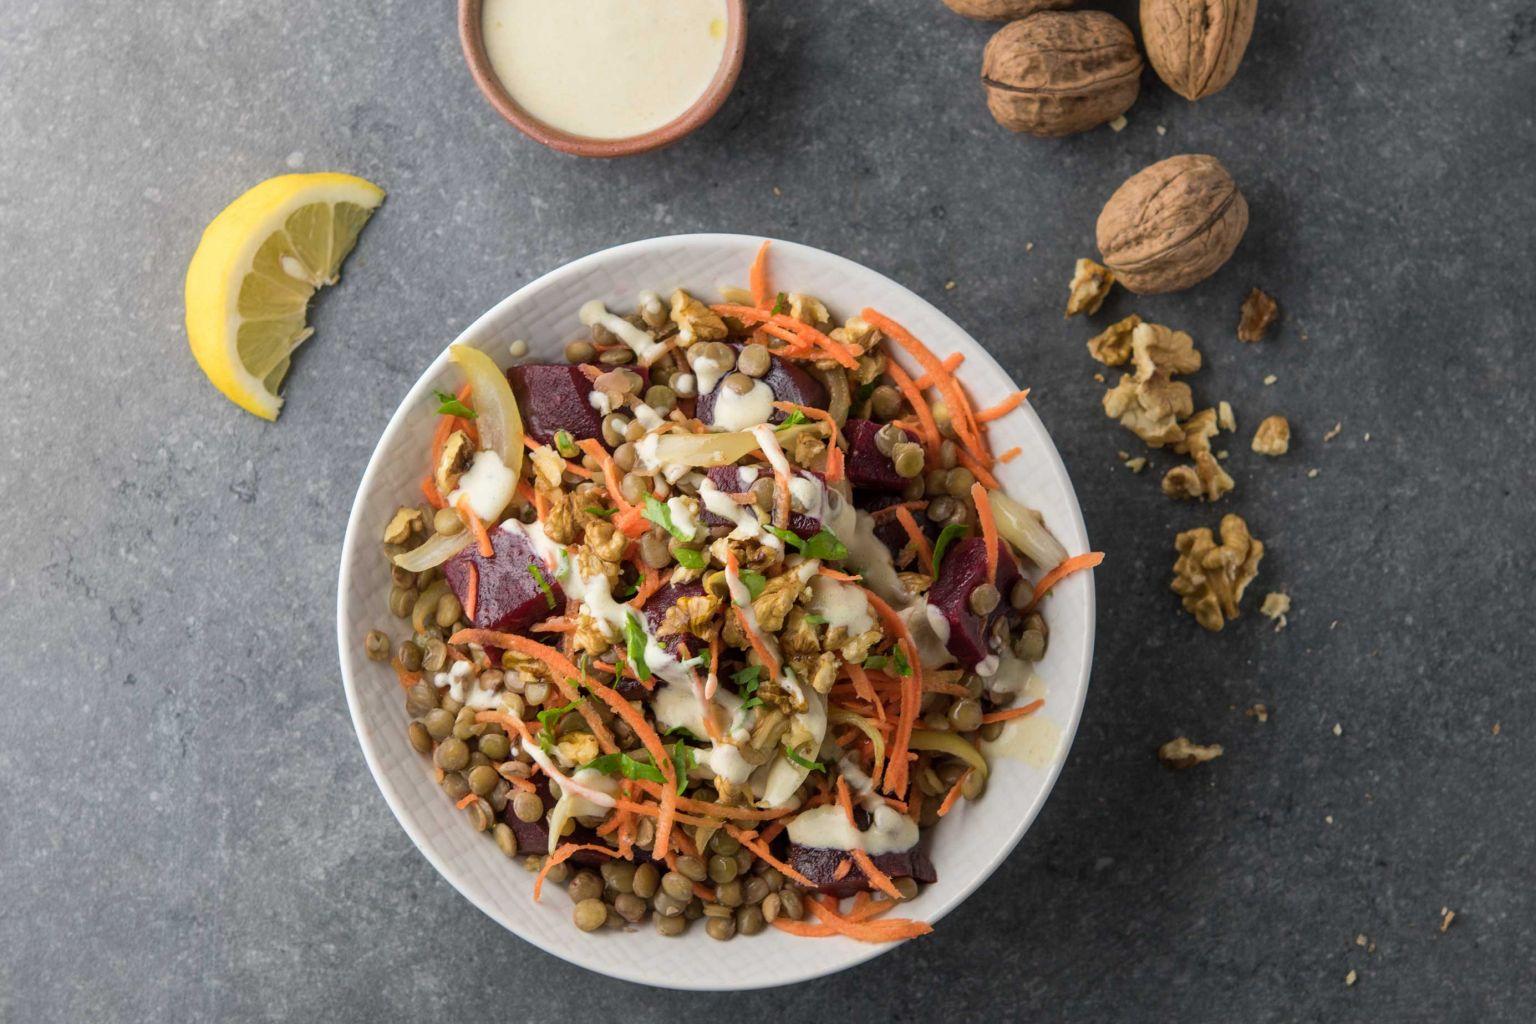 Recette salade de lentilles blondes betteraves et noix la moutarde quitoque - Comment cuisiner des lentilles blondes ...